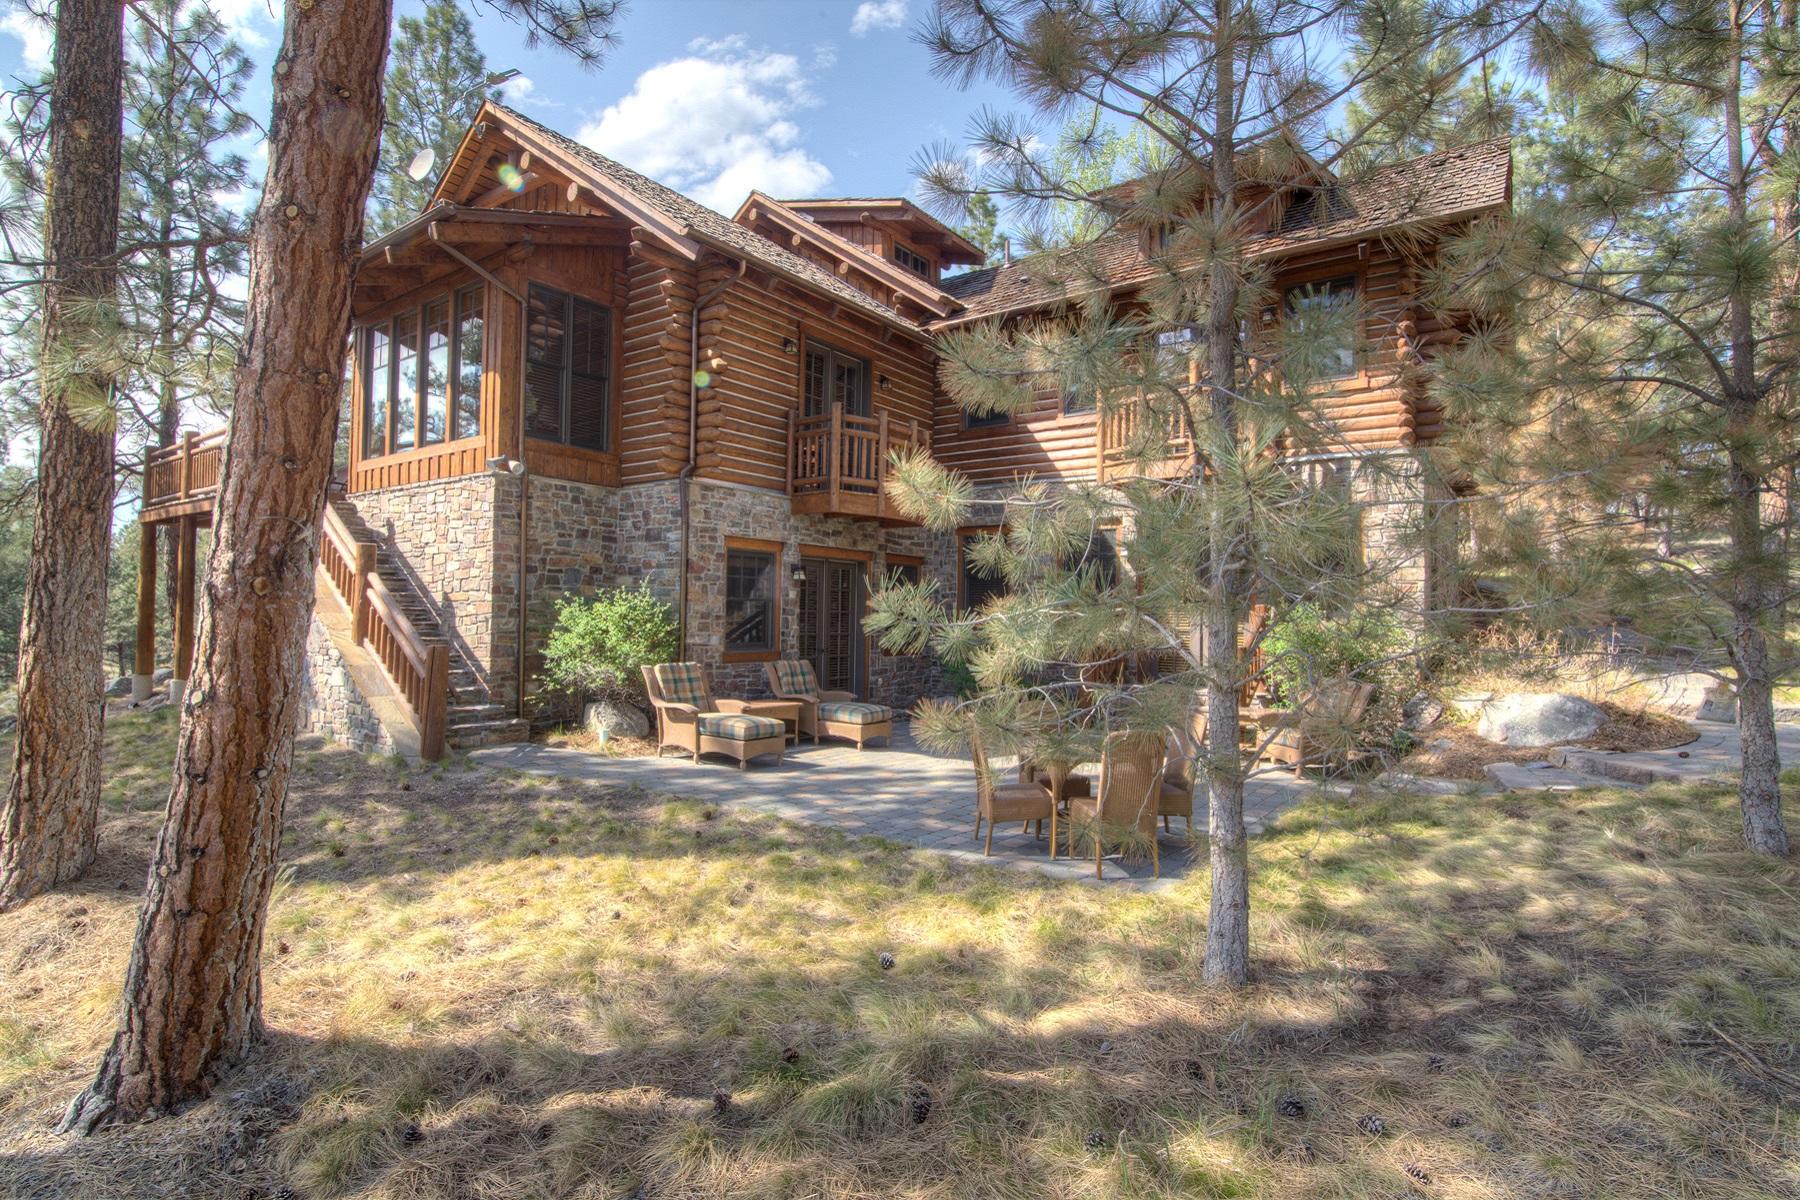 단독 가정 주택 용 매매 에 Stock Farm Cabin 8 726 Pallo Trail Hamilton, 몬타나, 59840 미국